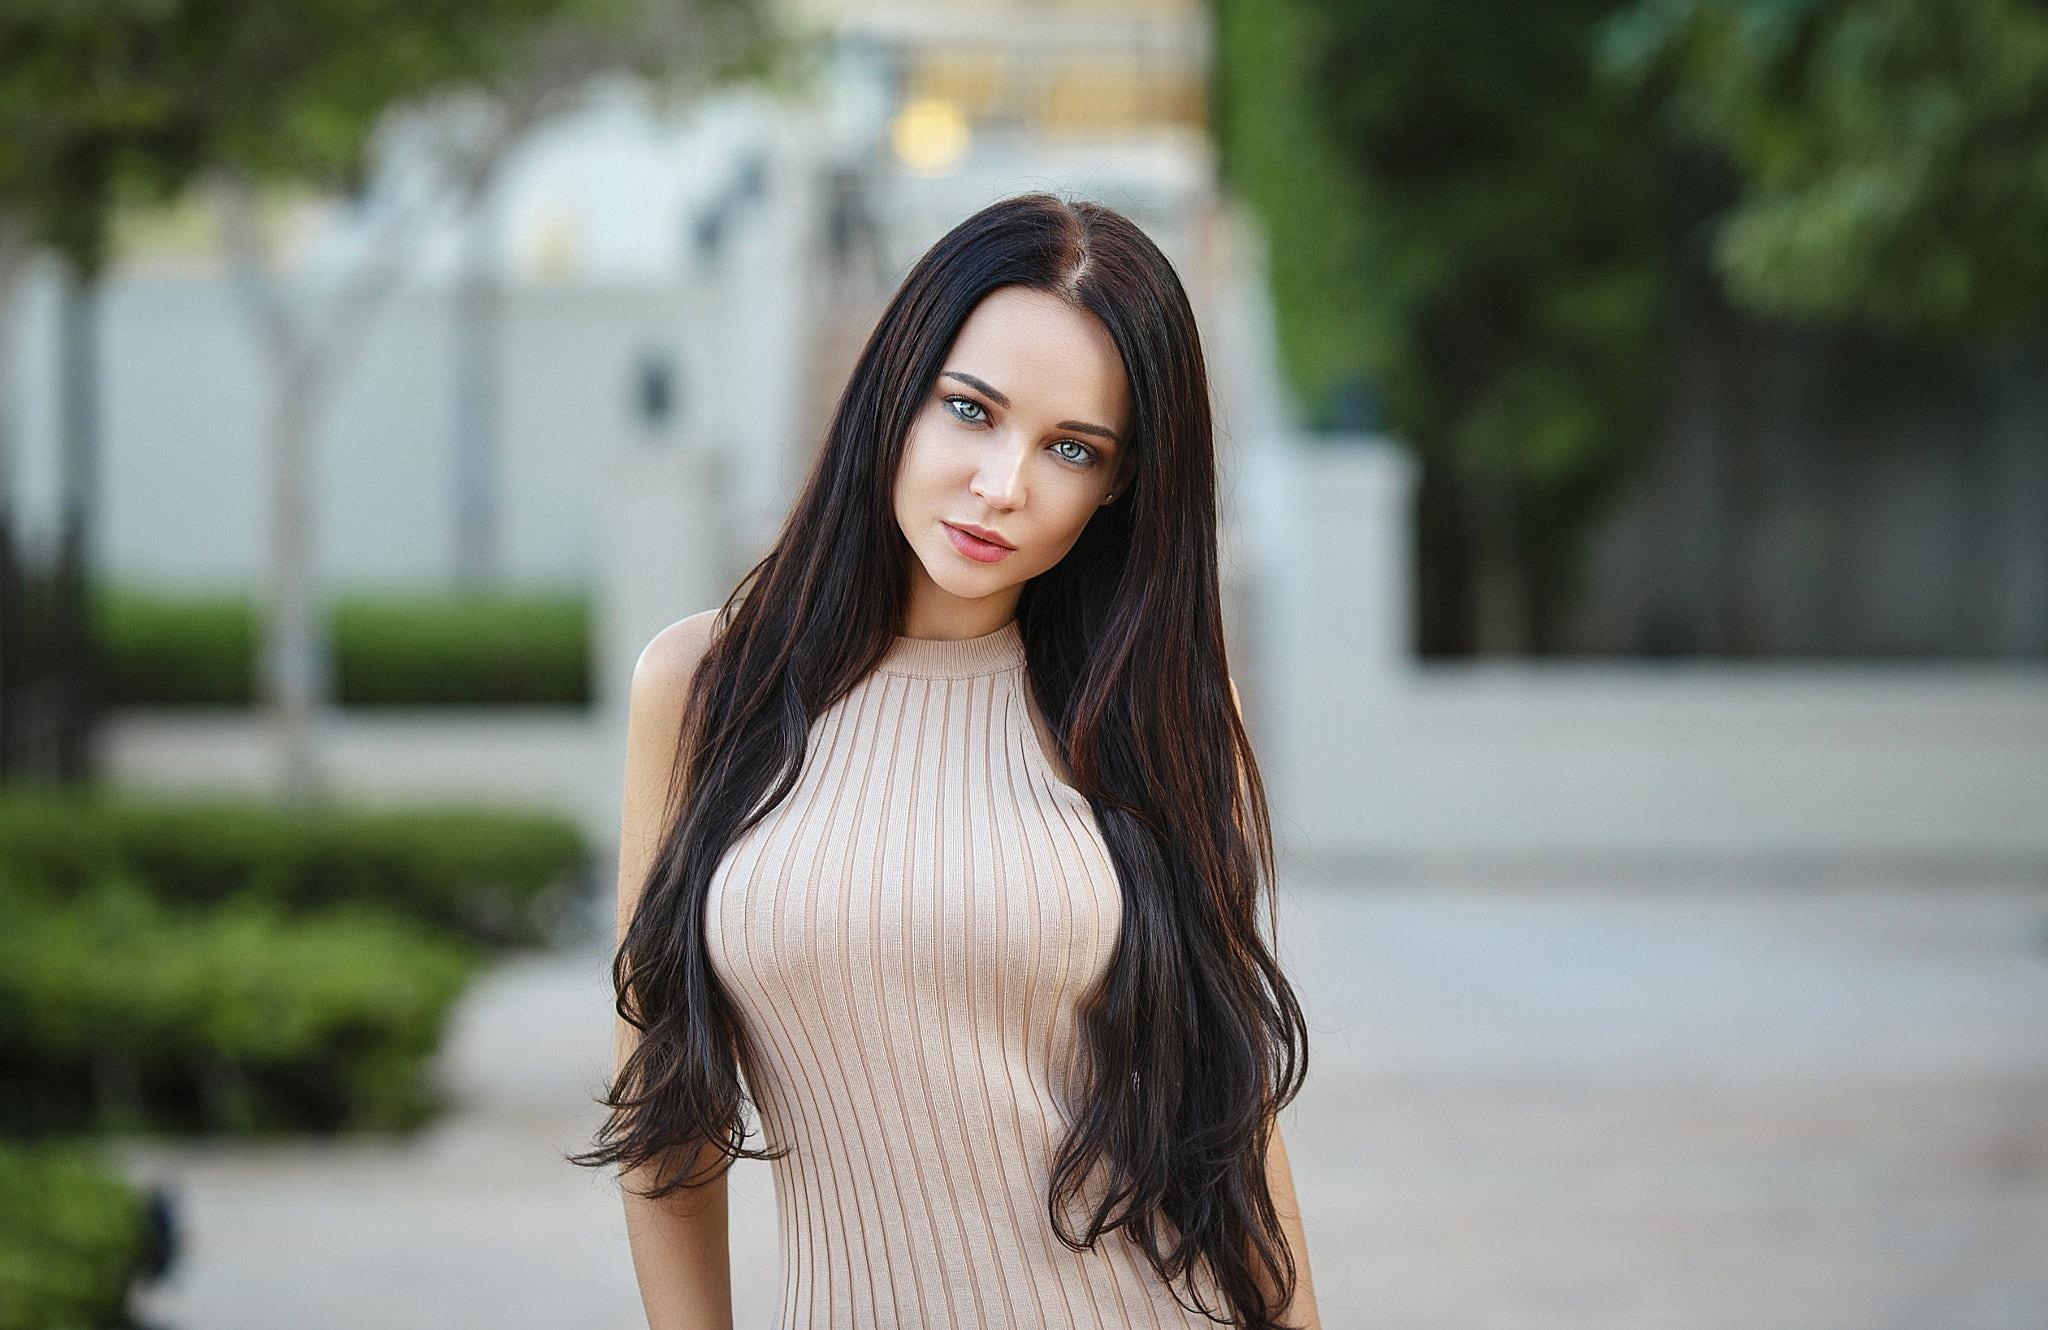 Ангелина петрова фото работа онлайн ветлуга